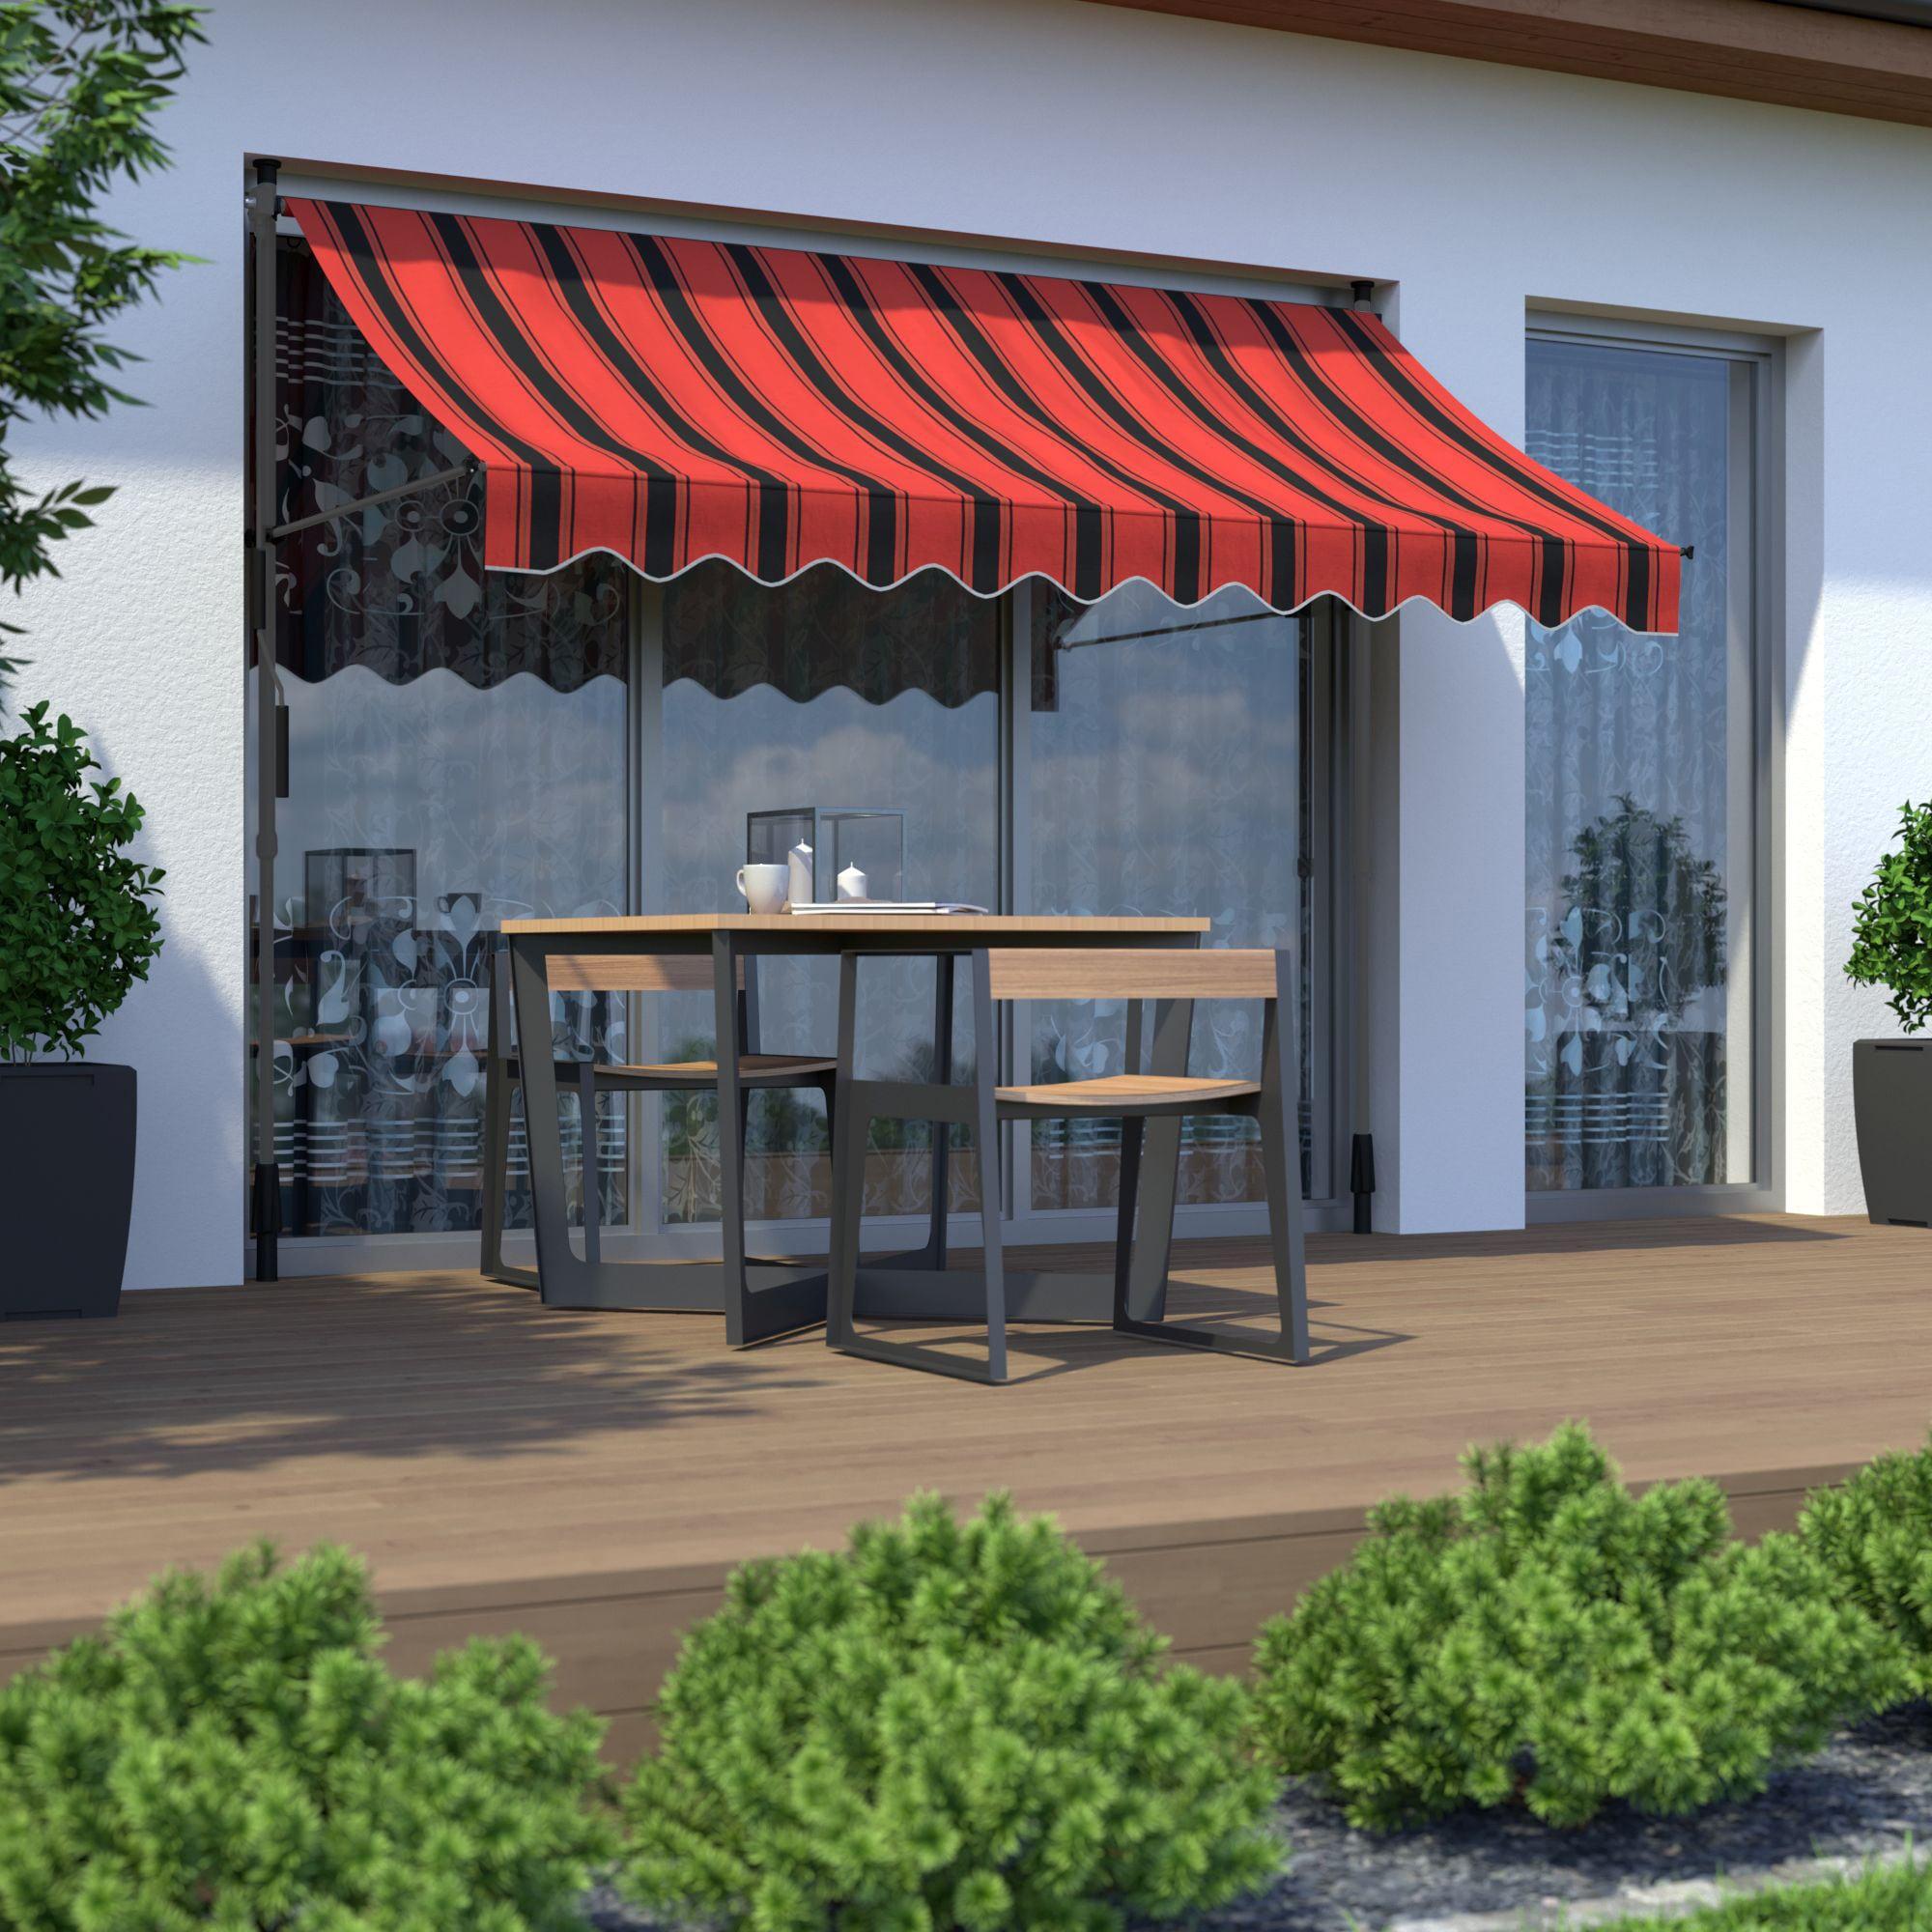 Markise-Balkonmarkise-Klemmmarkise-Garten-Sonnenschutz-einziehbar-ohne-Bohren Indexbild 10